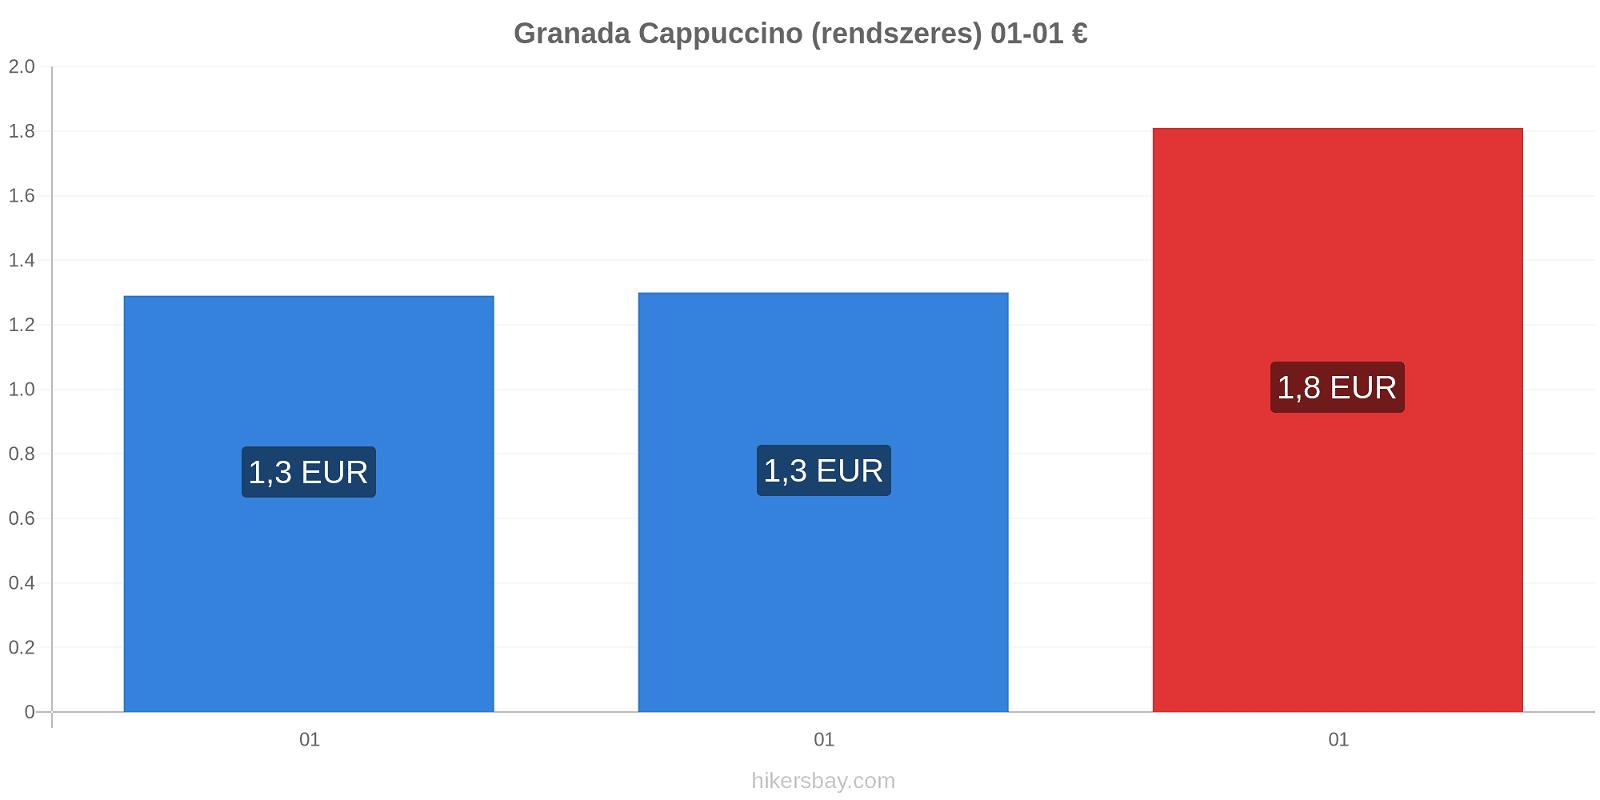 Granada árváltozások Cappuccino (rendszeres) hikersbay.com